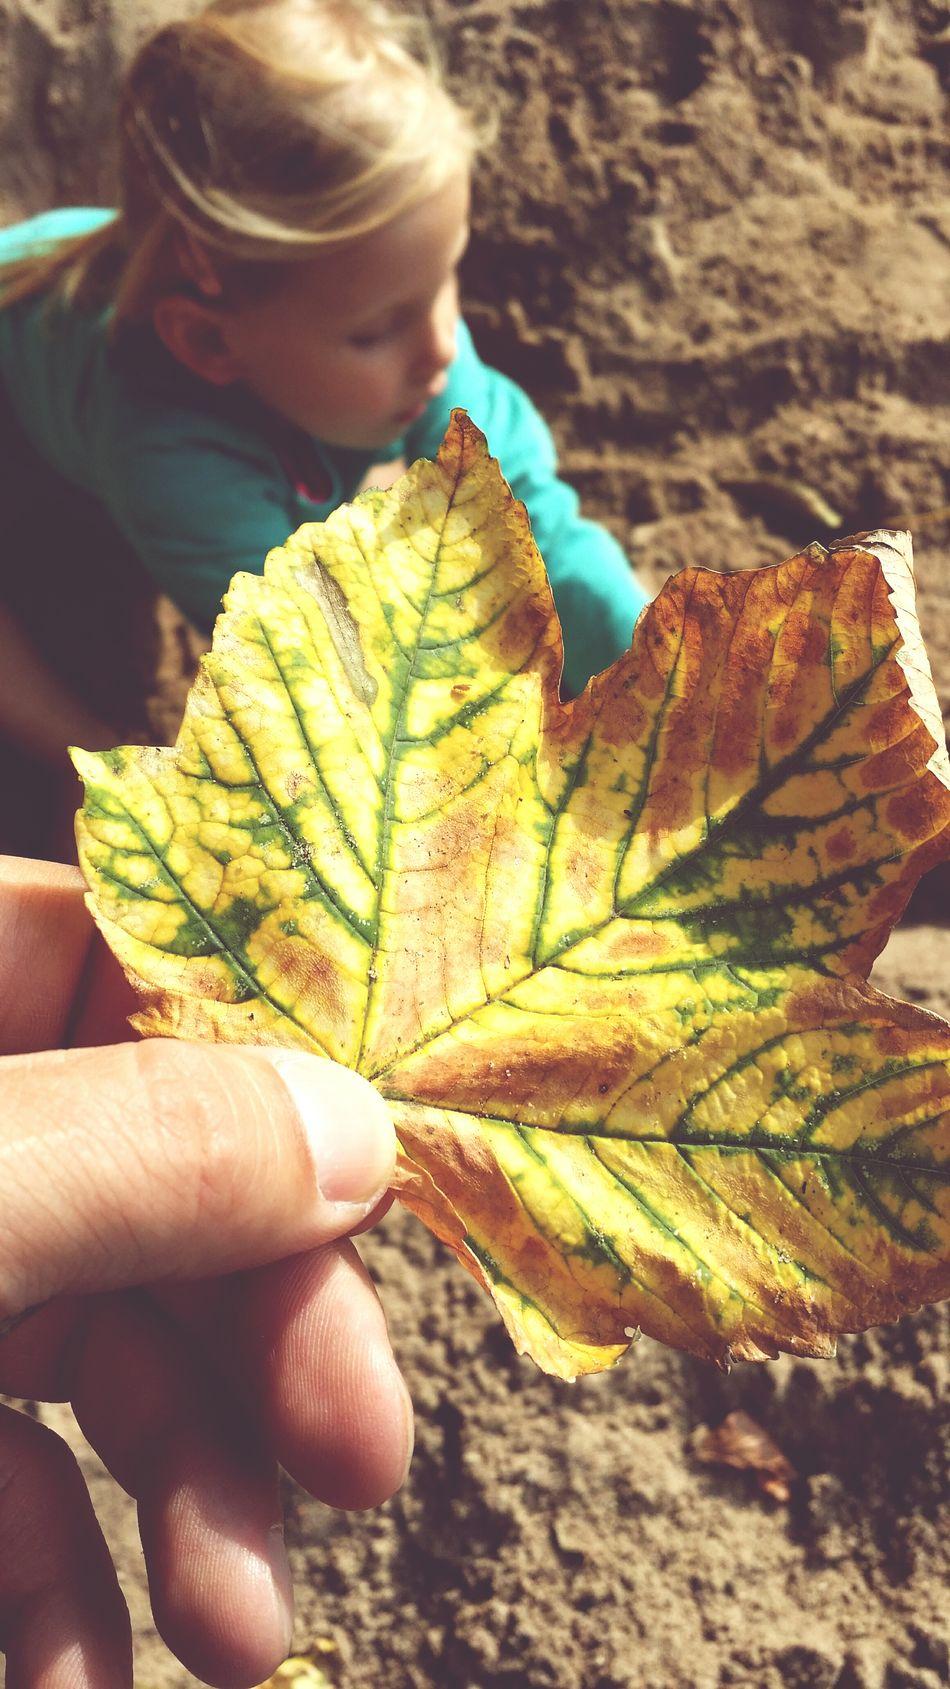 Autumn Leaves Leaves Playground Kids Season  Nature Outdoors Focus On Foreground Leaf